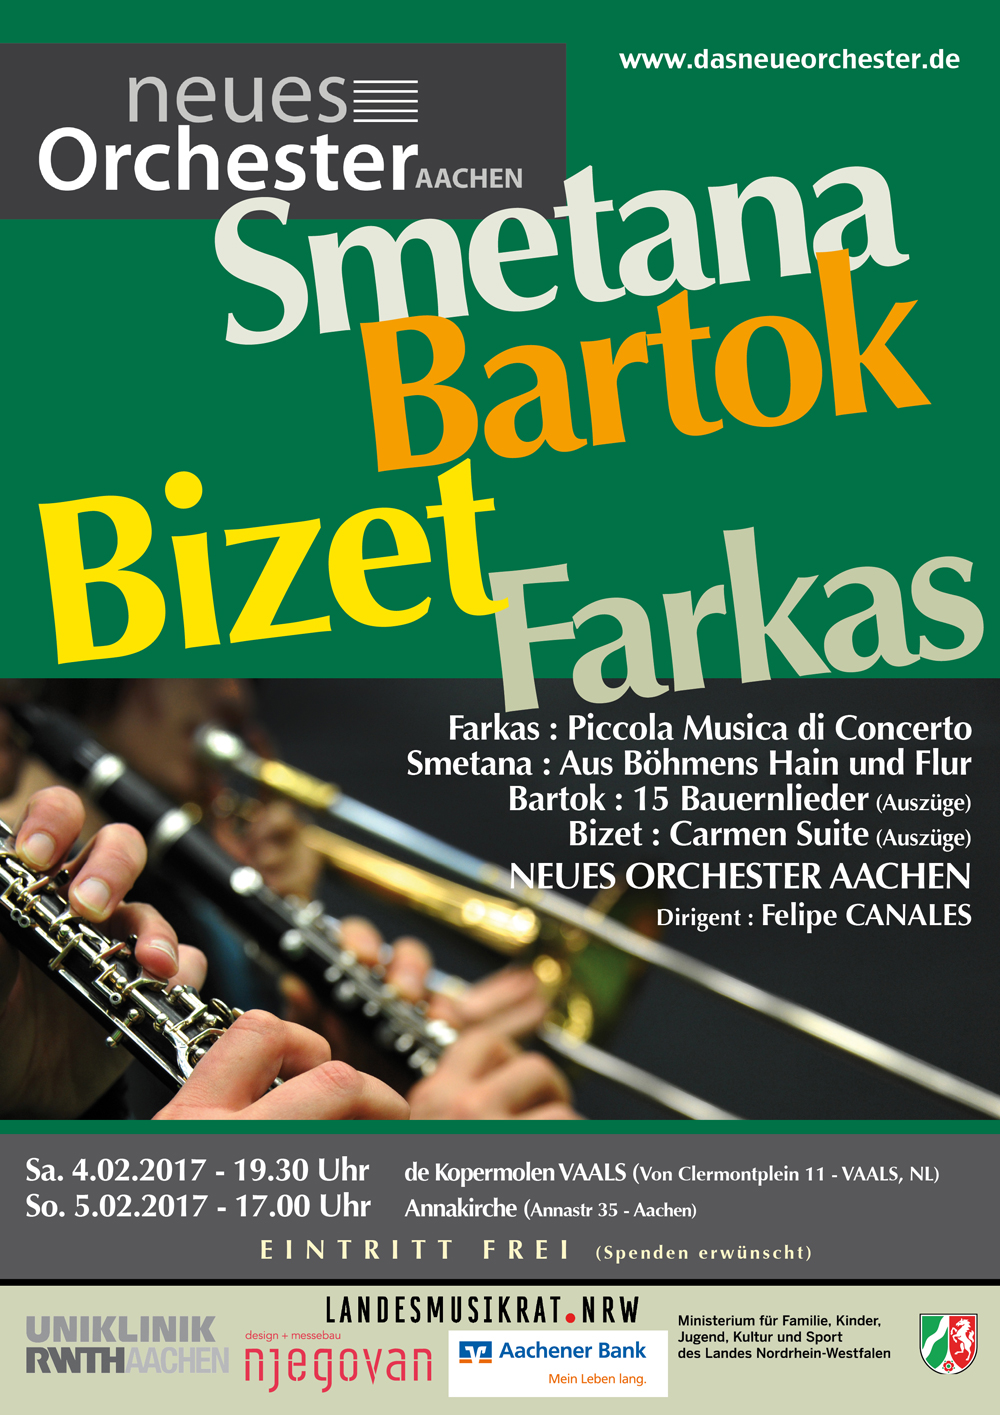 Konzert : Bizet, Smetana, Bartok, Farkas